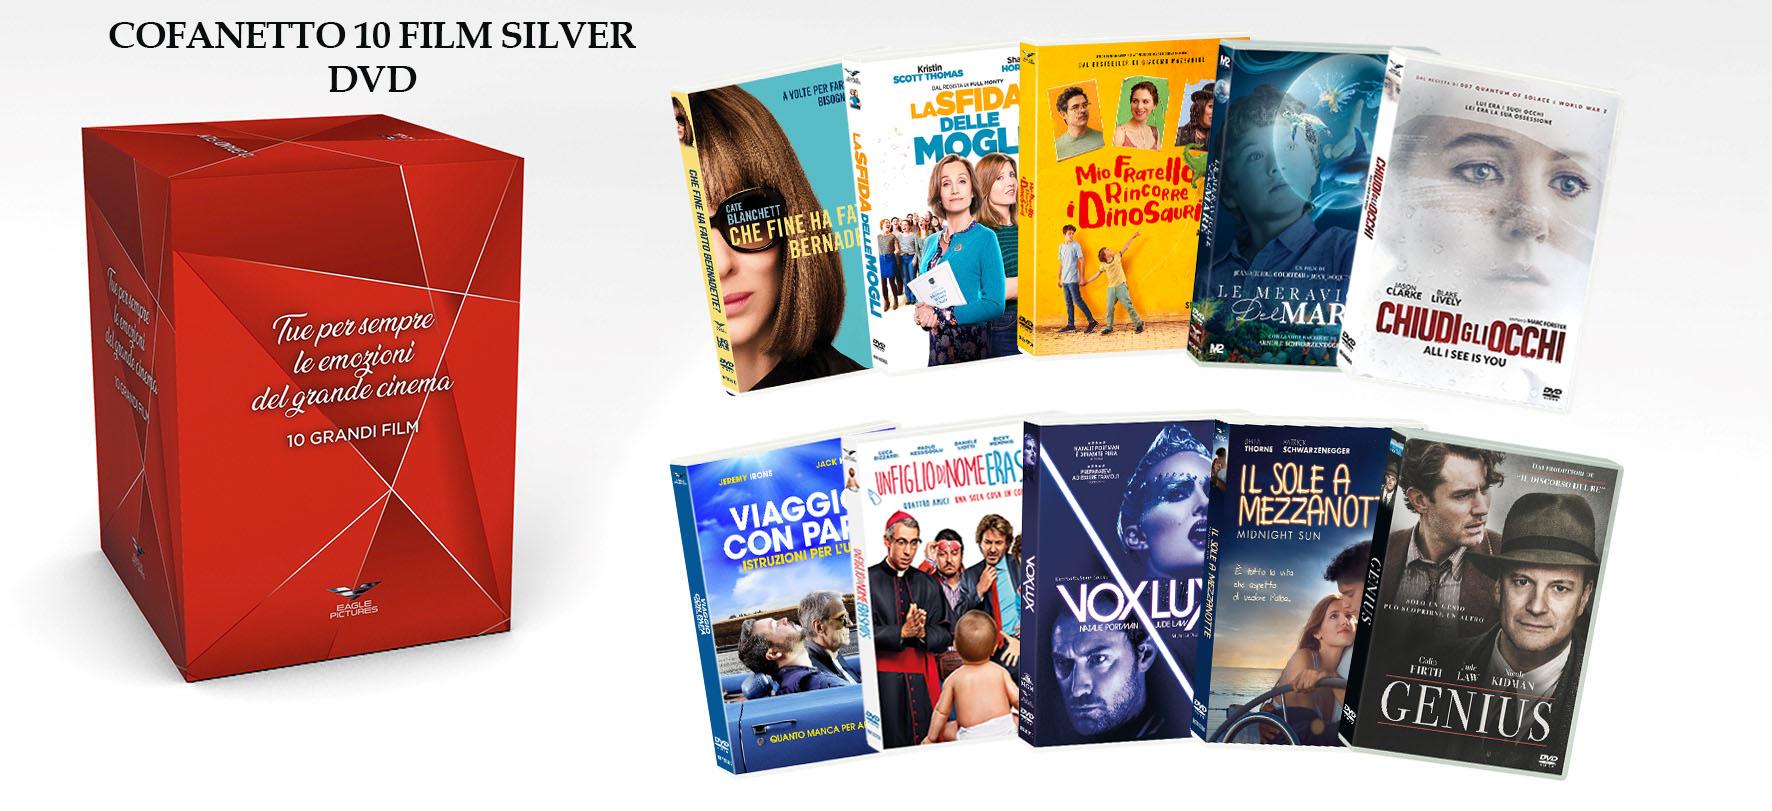 COF.FORTI EMOZIONI SILVER COFANETTO (10 DVD) (DVD)